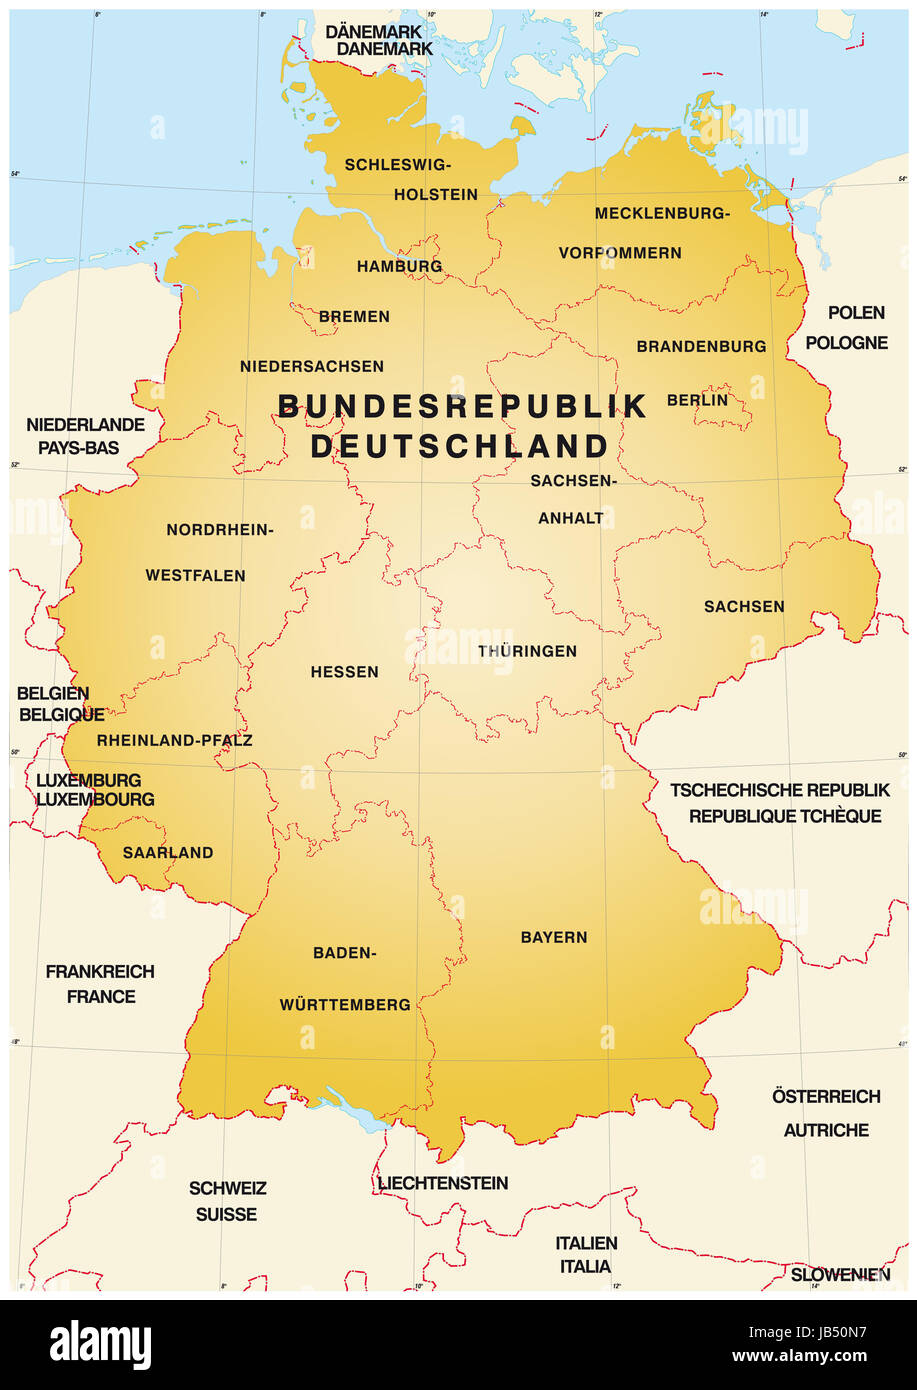 deutsche nachbarländer karte Die Karte enthält die deutschen Bundesländer und die Nachbarländer